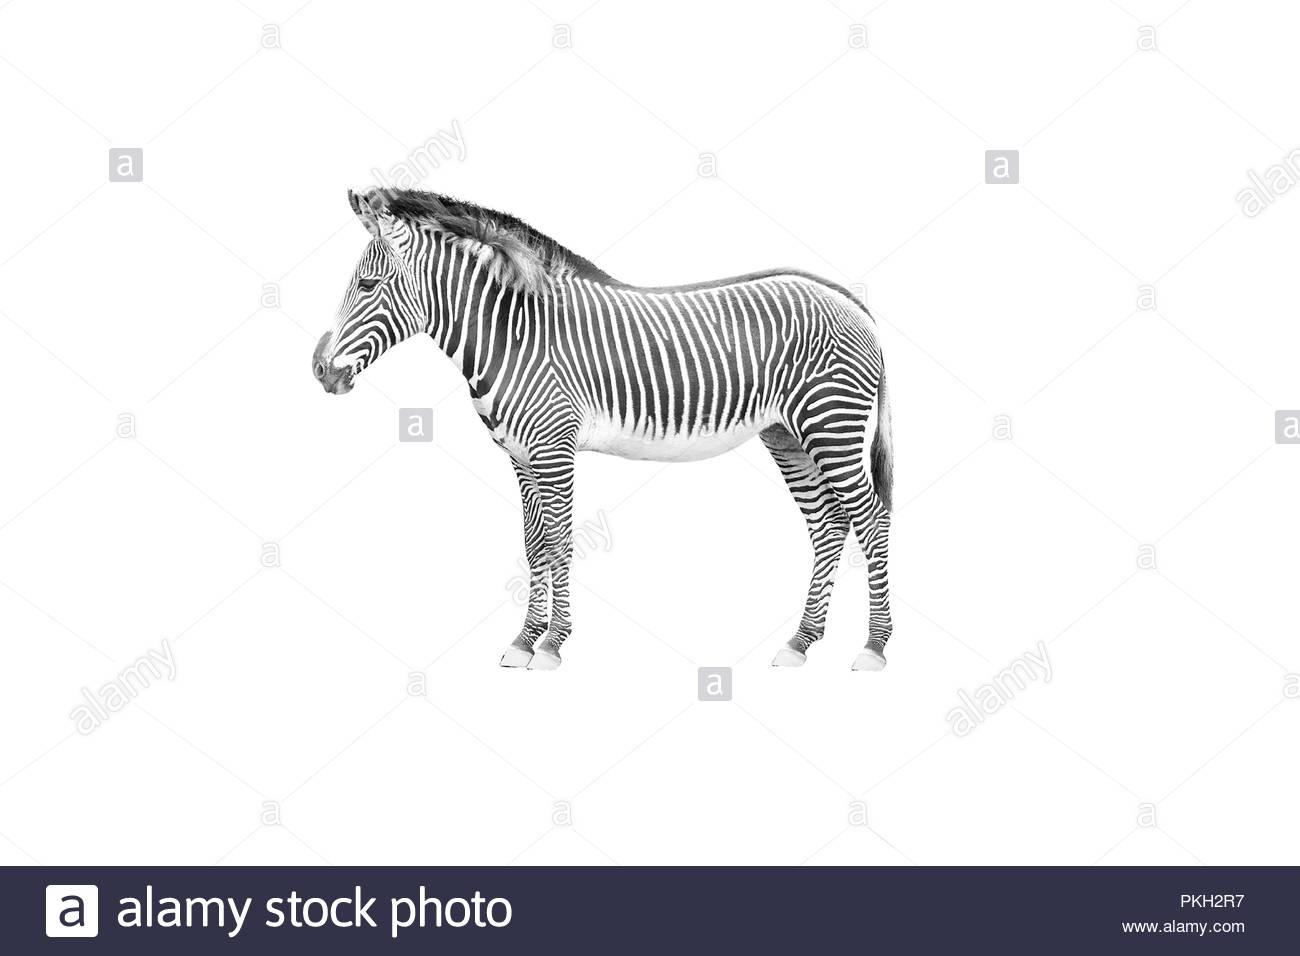 Freigestelltes Foto eines Zebras - cut out - Stock Image